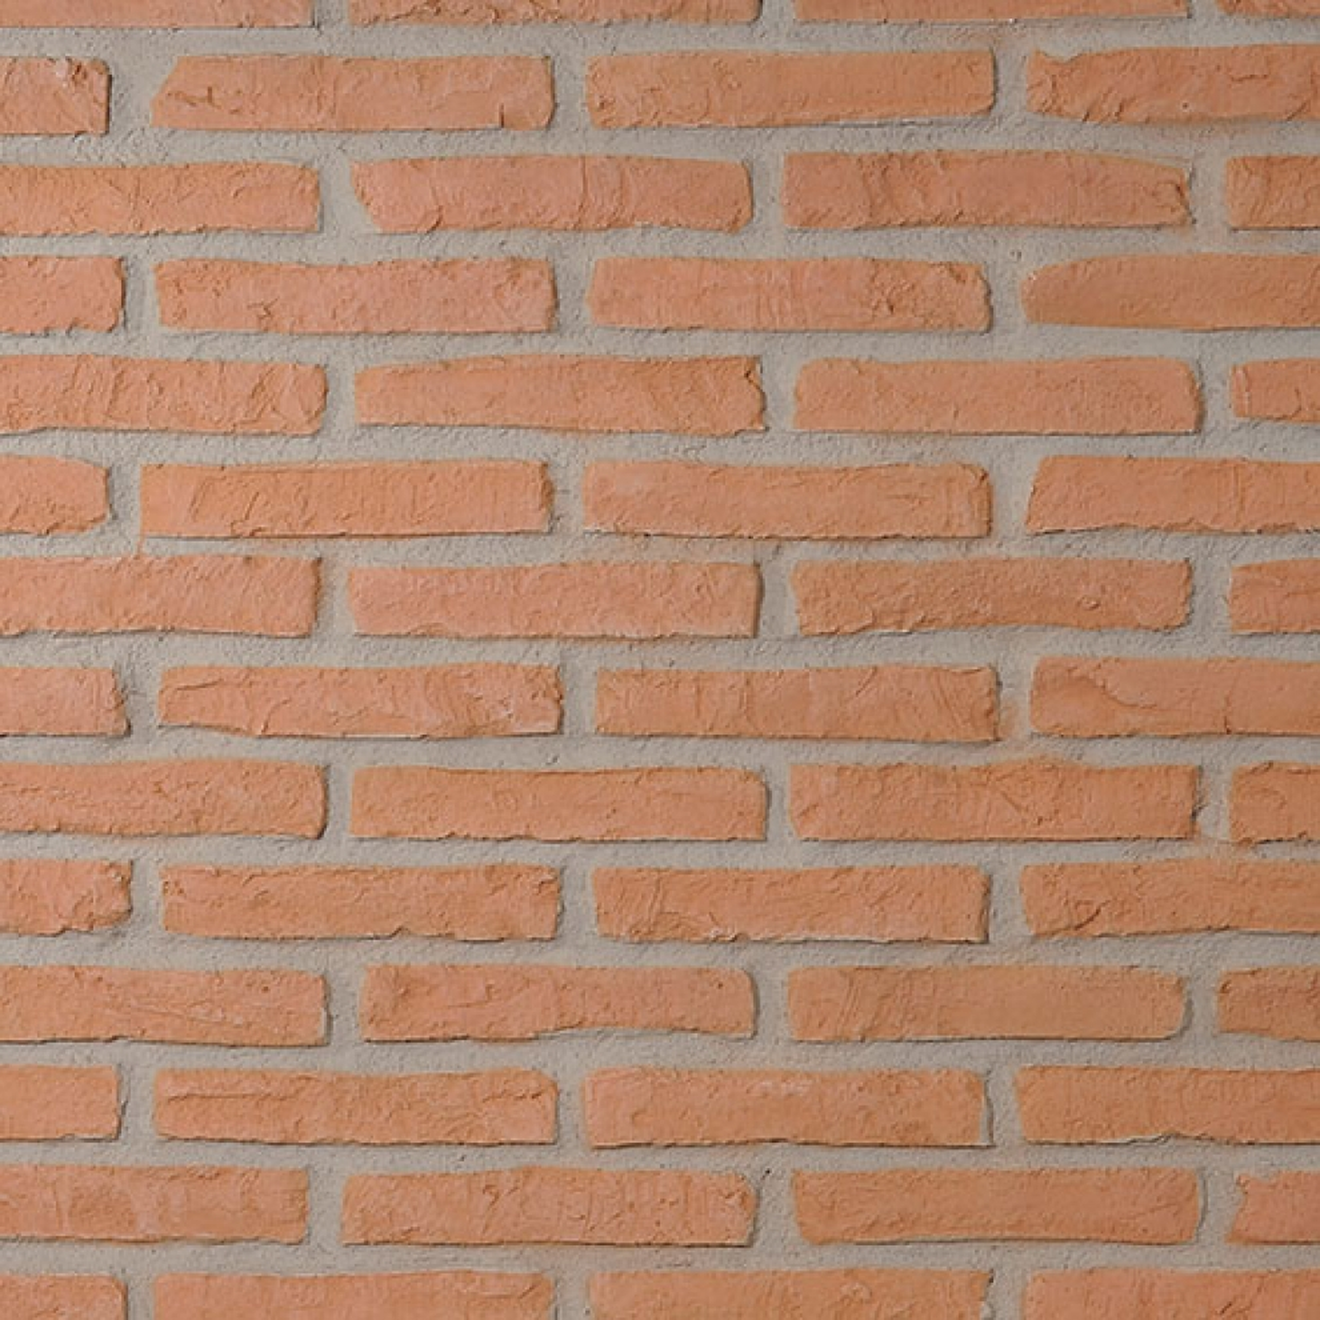 brick ziegelstein wandpaneele steinoptik klinker riemchen nur 6 kg. Black Bedroom Furniture Sets. Home Design Ideas